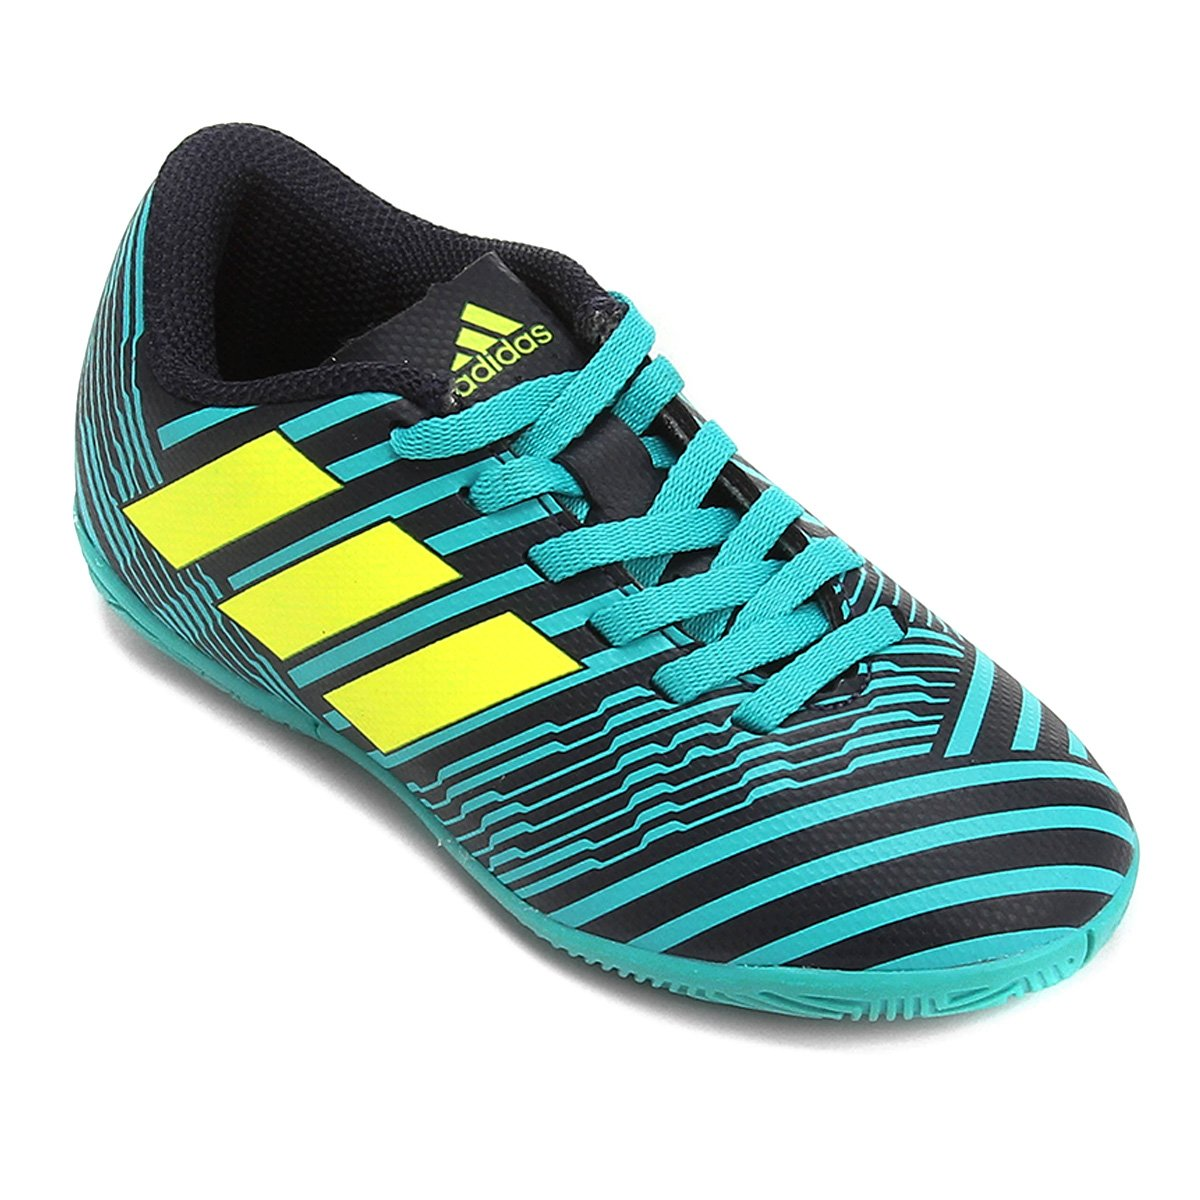 Chuteira Futsal Infantil Adidas Nemeziz 17.4 In - Compre Agora ... 8195bca66bf10